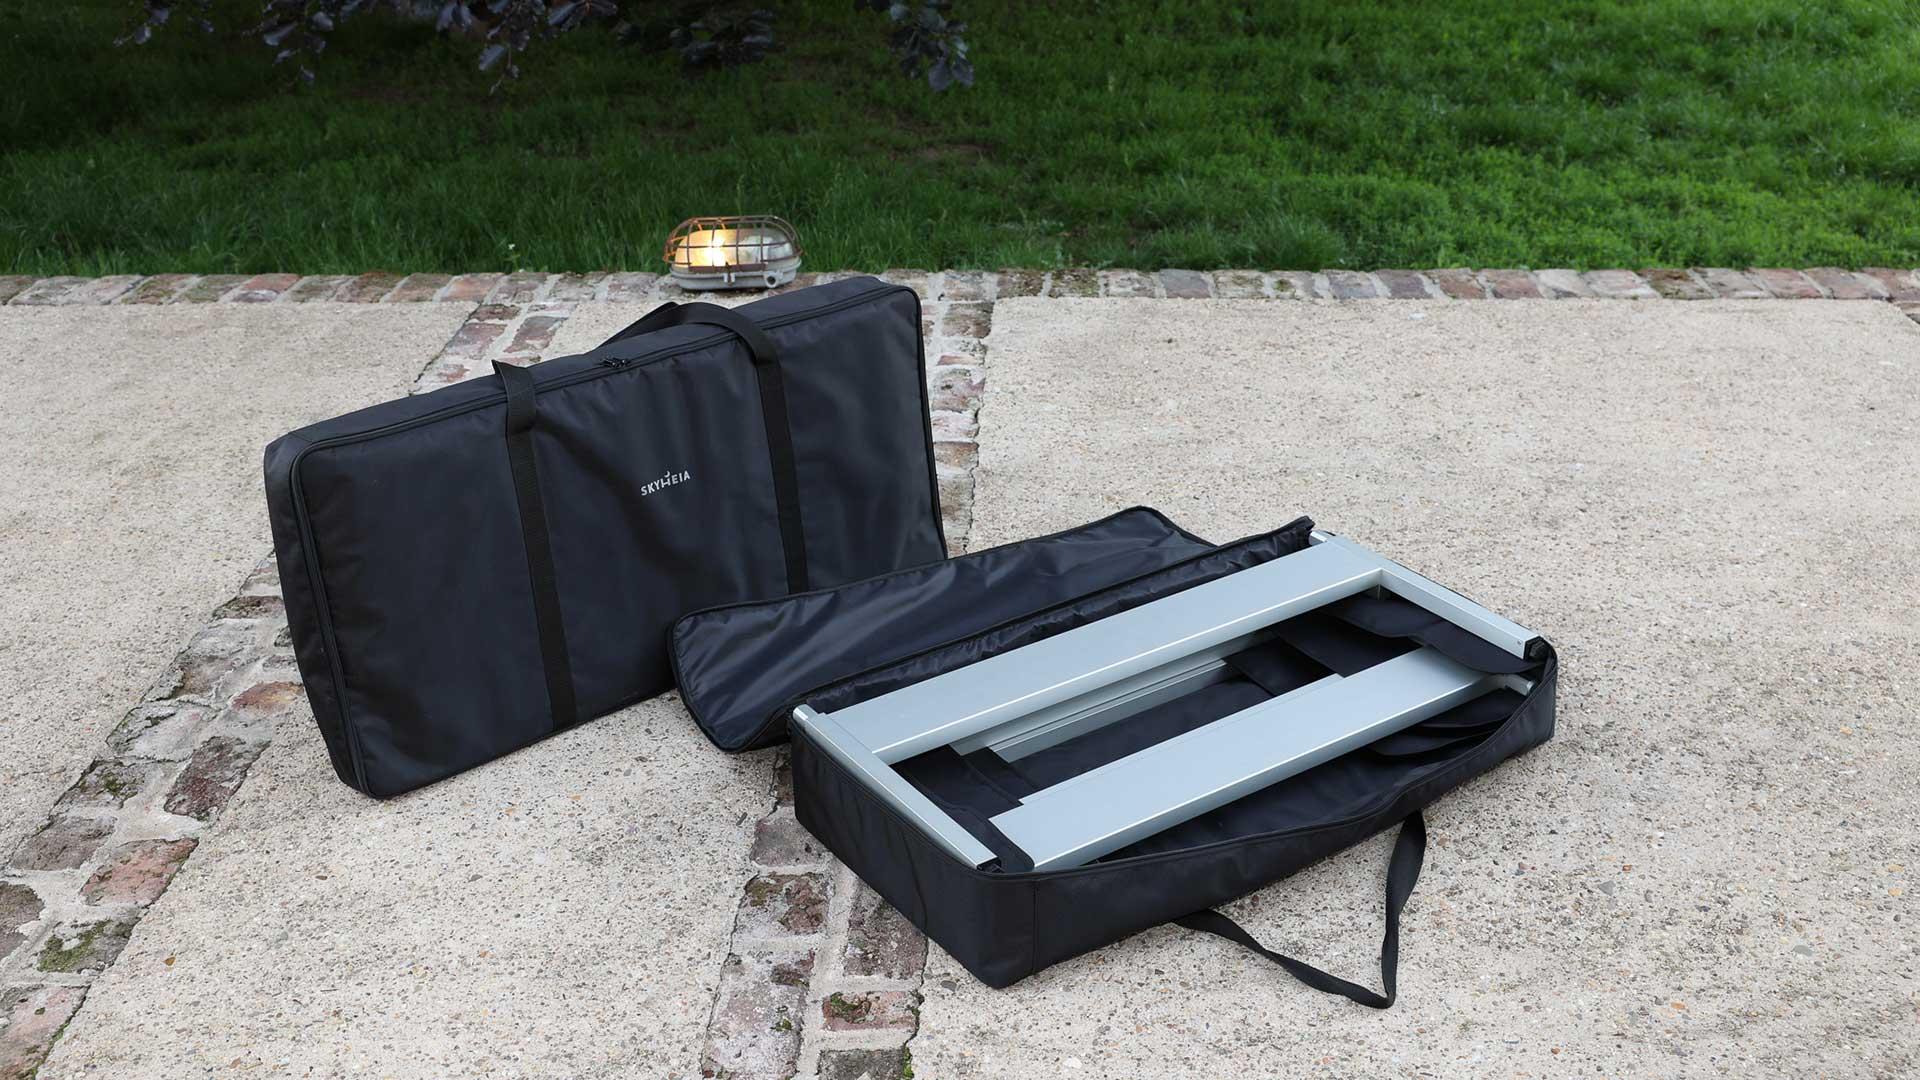 In Tasche 1 befinden sich 4 Kopf- und Fußteile. Stoffprotektoren sorgen dafür, dass die Teile sauber voneinander getrennt sind, damit beim Transport keine Kratzer entstehen.